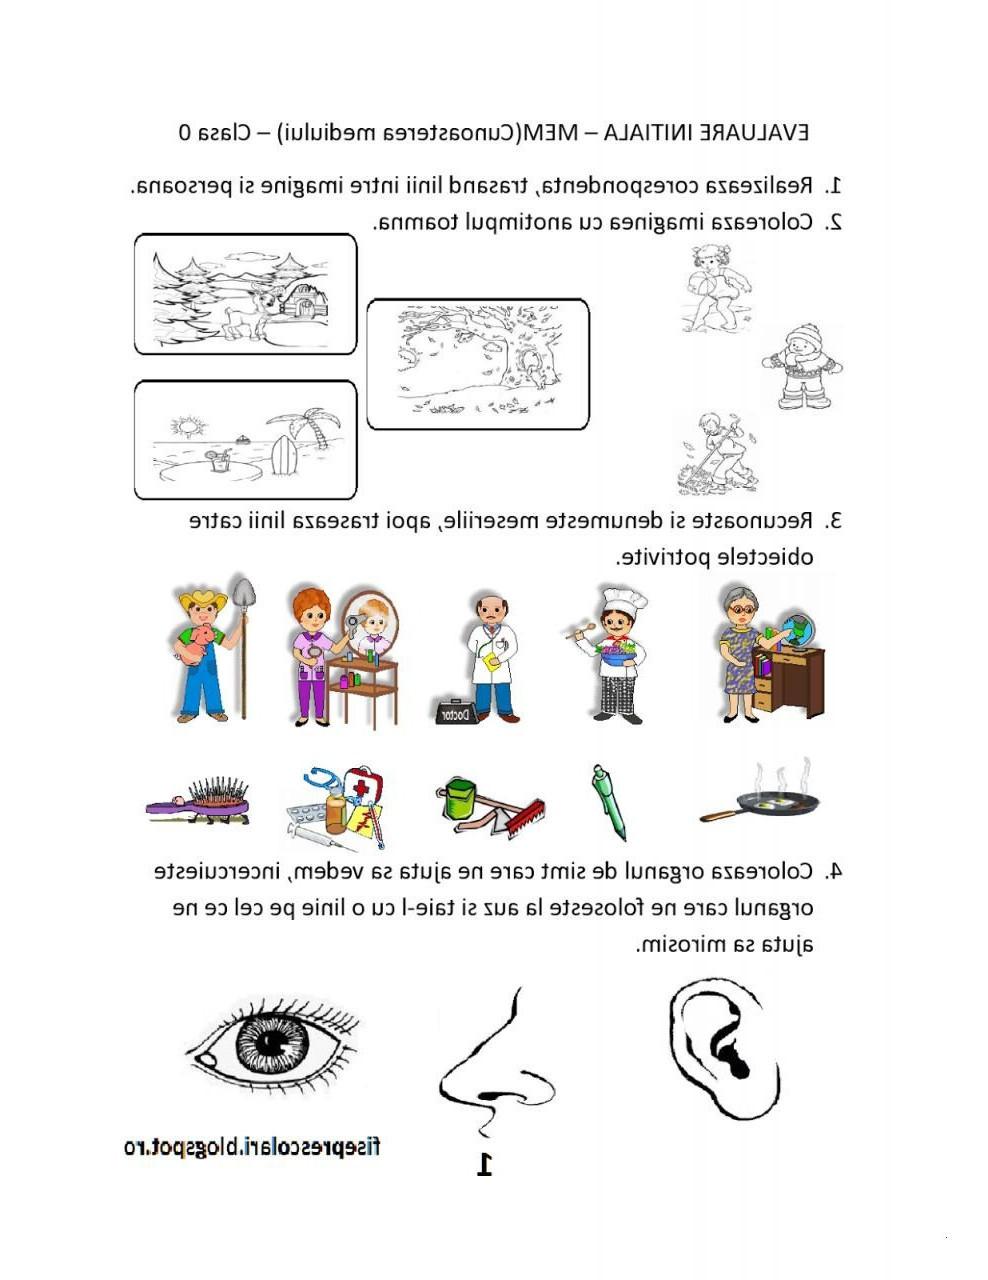 Anna Und Elsa Zum Ausmalen Einzigartig 35 Fantastisch Ausmalbilder Elsa Und Anna – Malvorlagen Ideen Stock